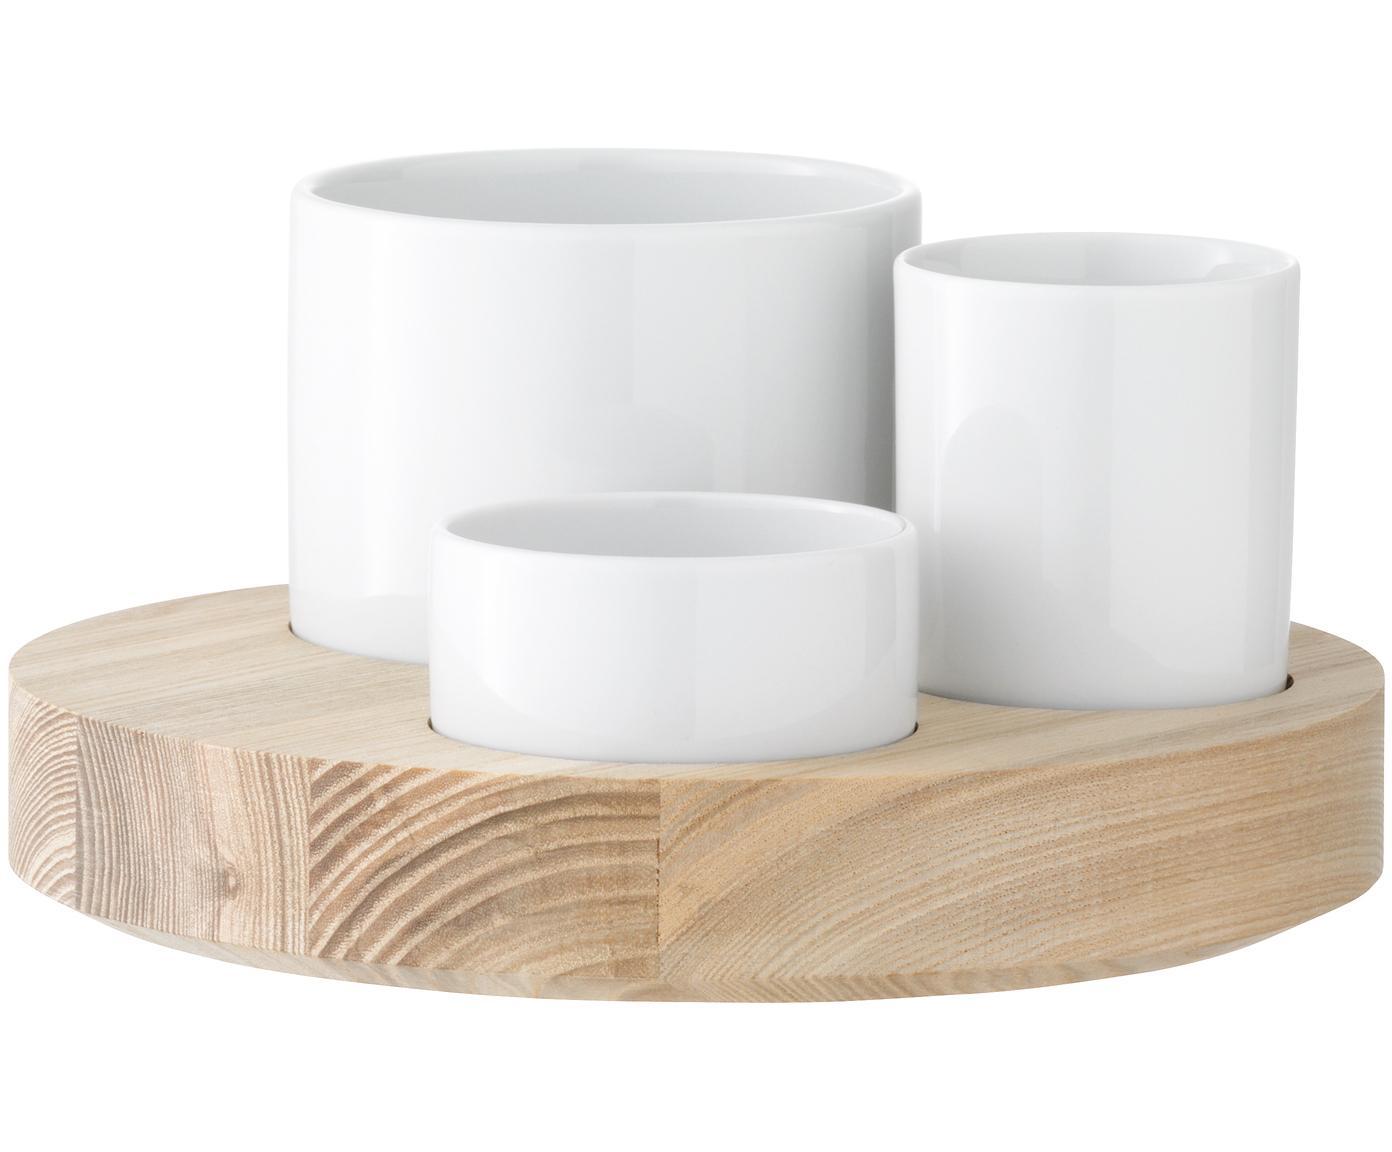 Komplet do serwowania oliwek, 4 elem., Biały, brązowy, Różne rozmiary